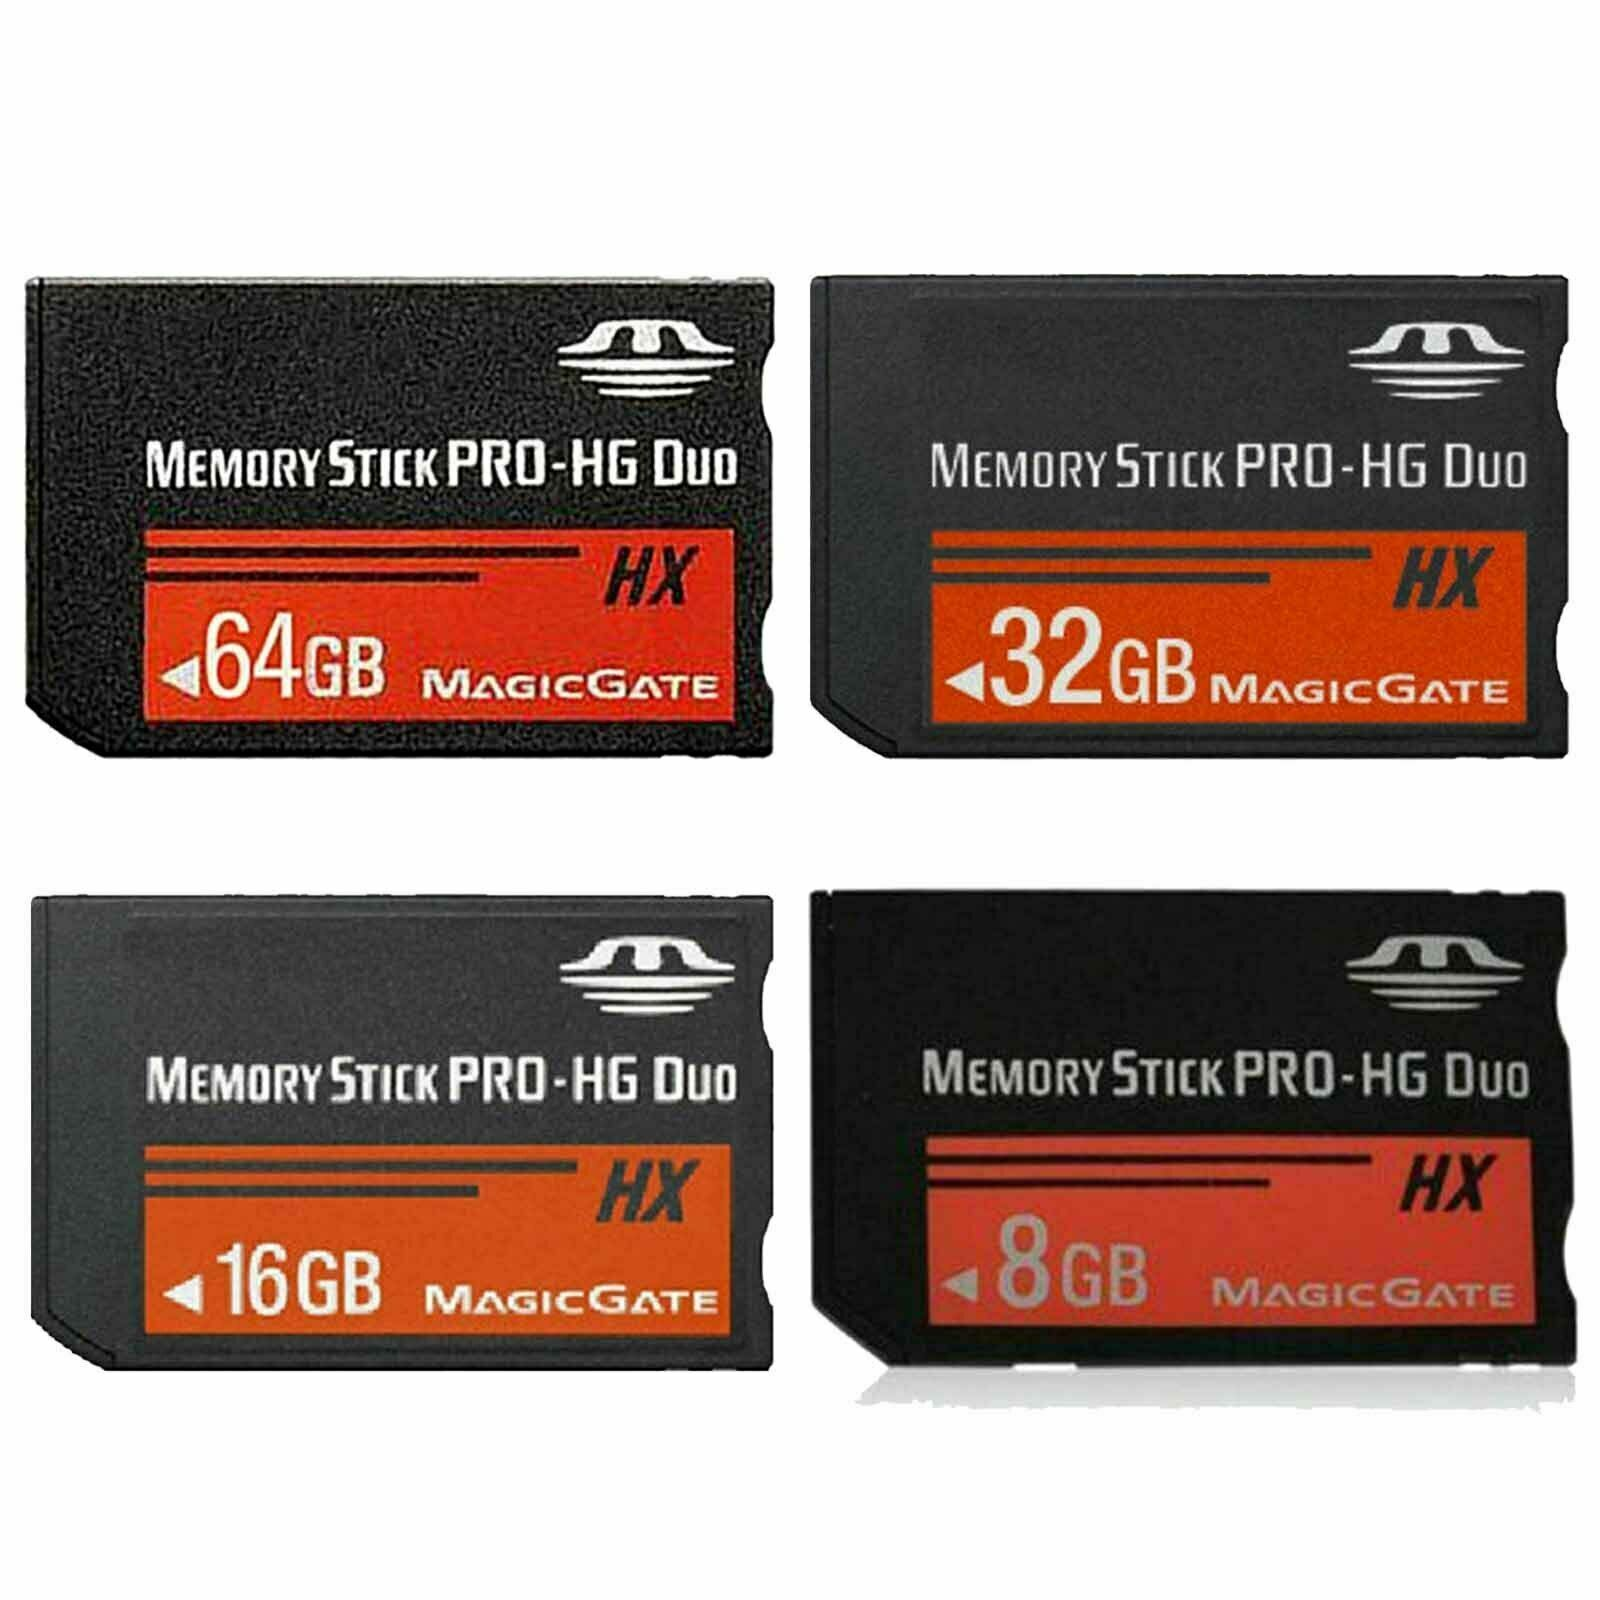 Карта памяти для Sony HX, предварительно установленная игровая Карта Памяти MS Pro Duo, 8 ГБ, 16 ГБ, 32 ГБ, 64 ГБ HG PSP 1000/2000/3000 карта оплаты itunes 3000